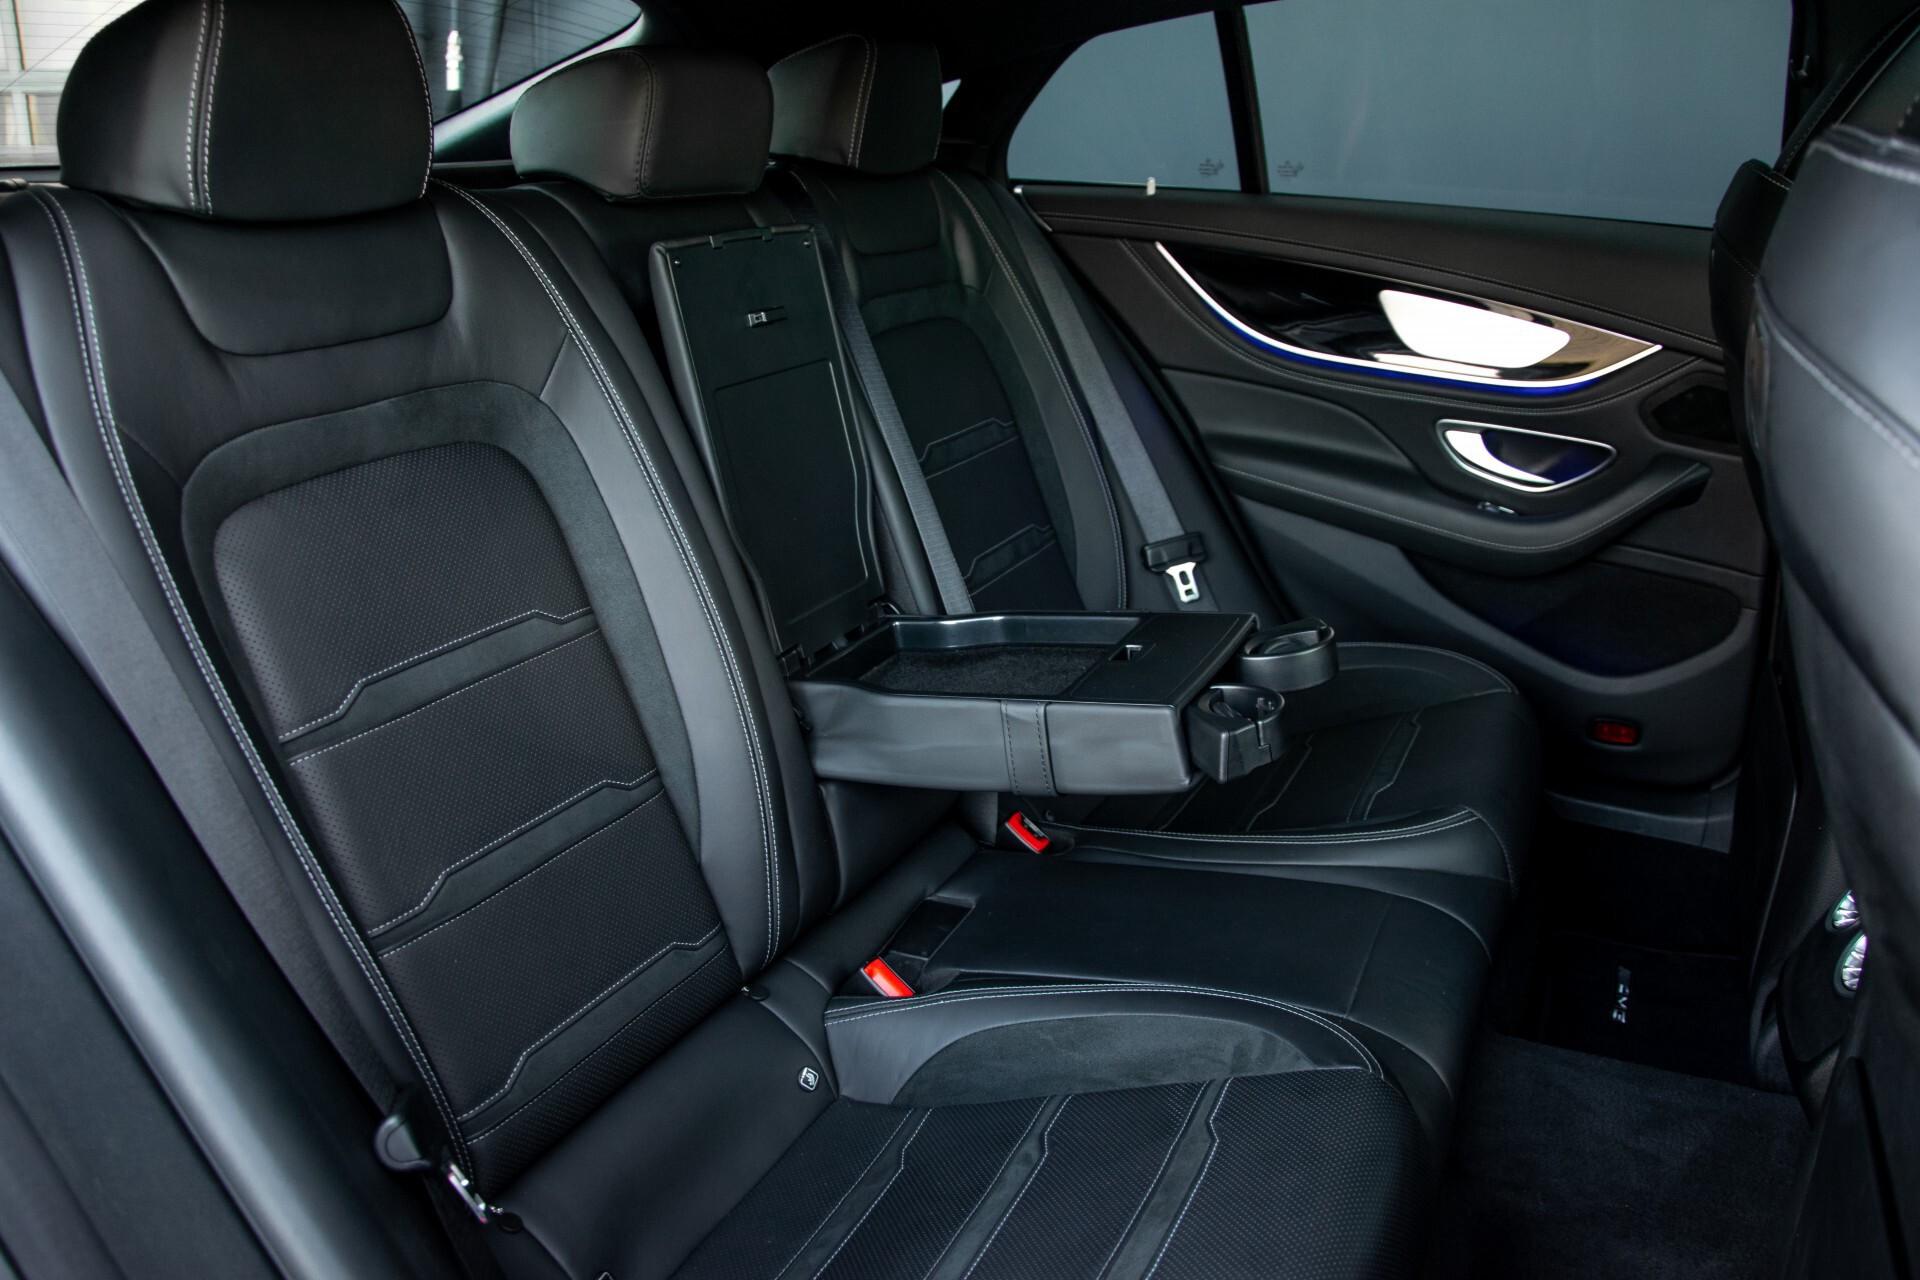 """Mercedes-Benz AMG GT 4-Door Coupe 43 4M+ 21""""/Performance Uitlaat/Massage/Rij-assist/Keyless/Burmester/5-persoons Aut9 Foto 5"""